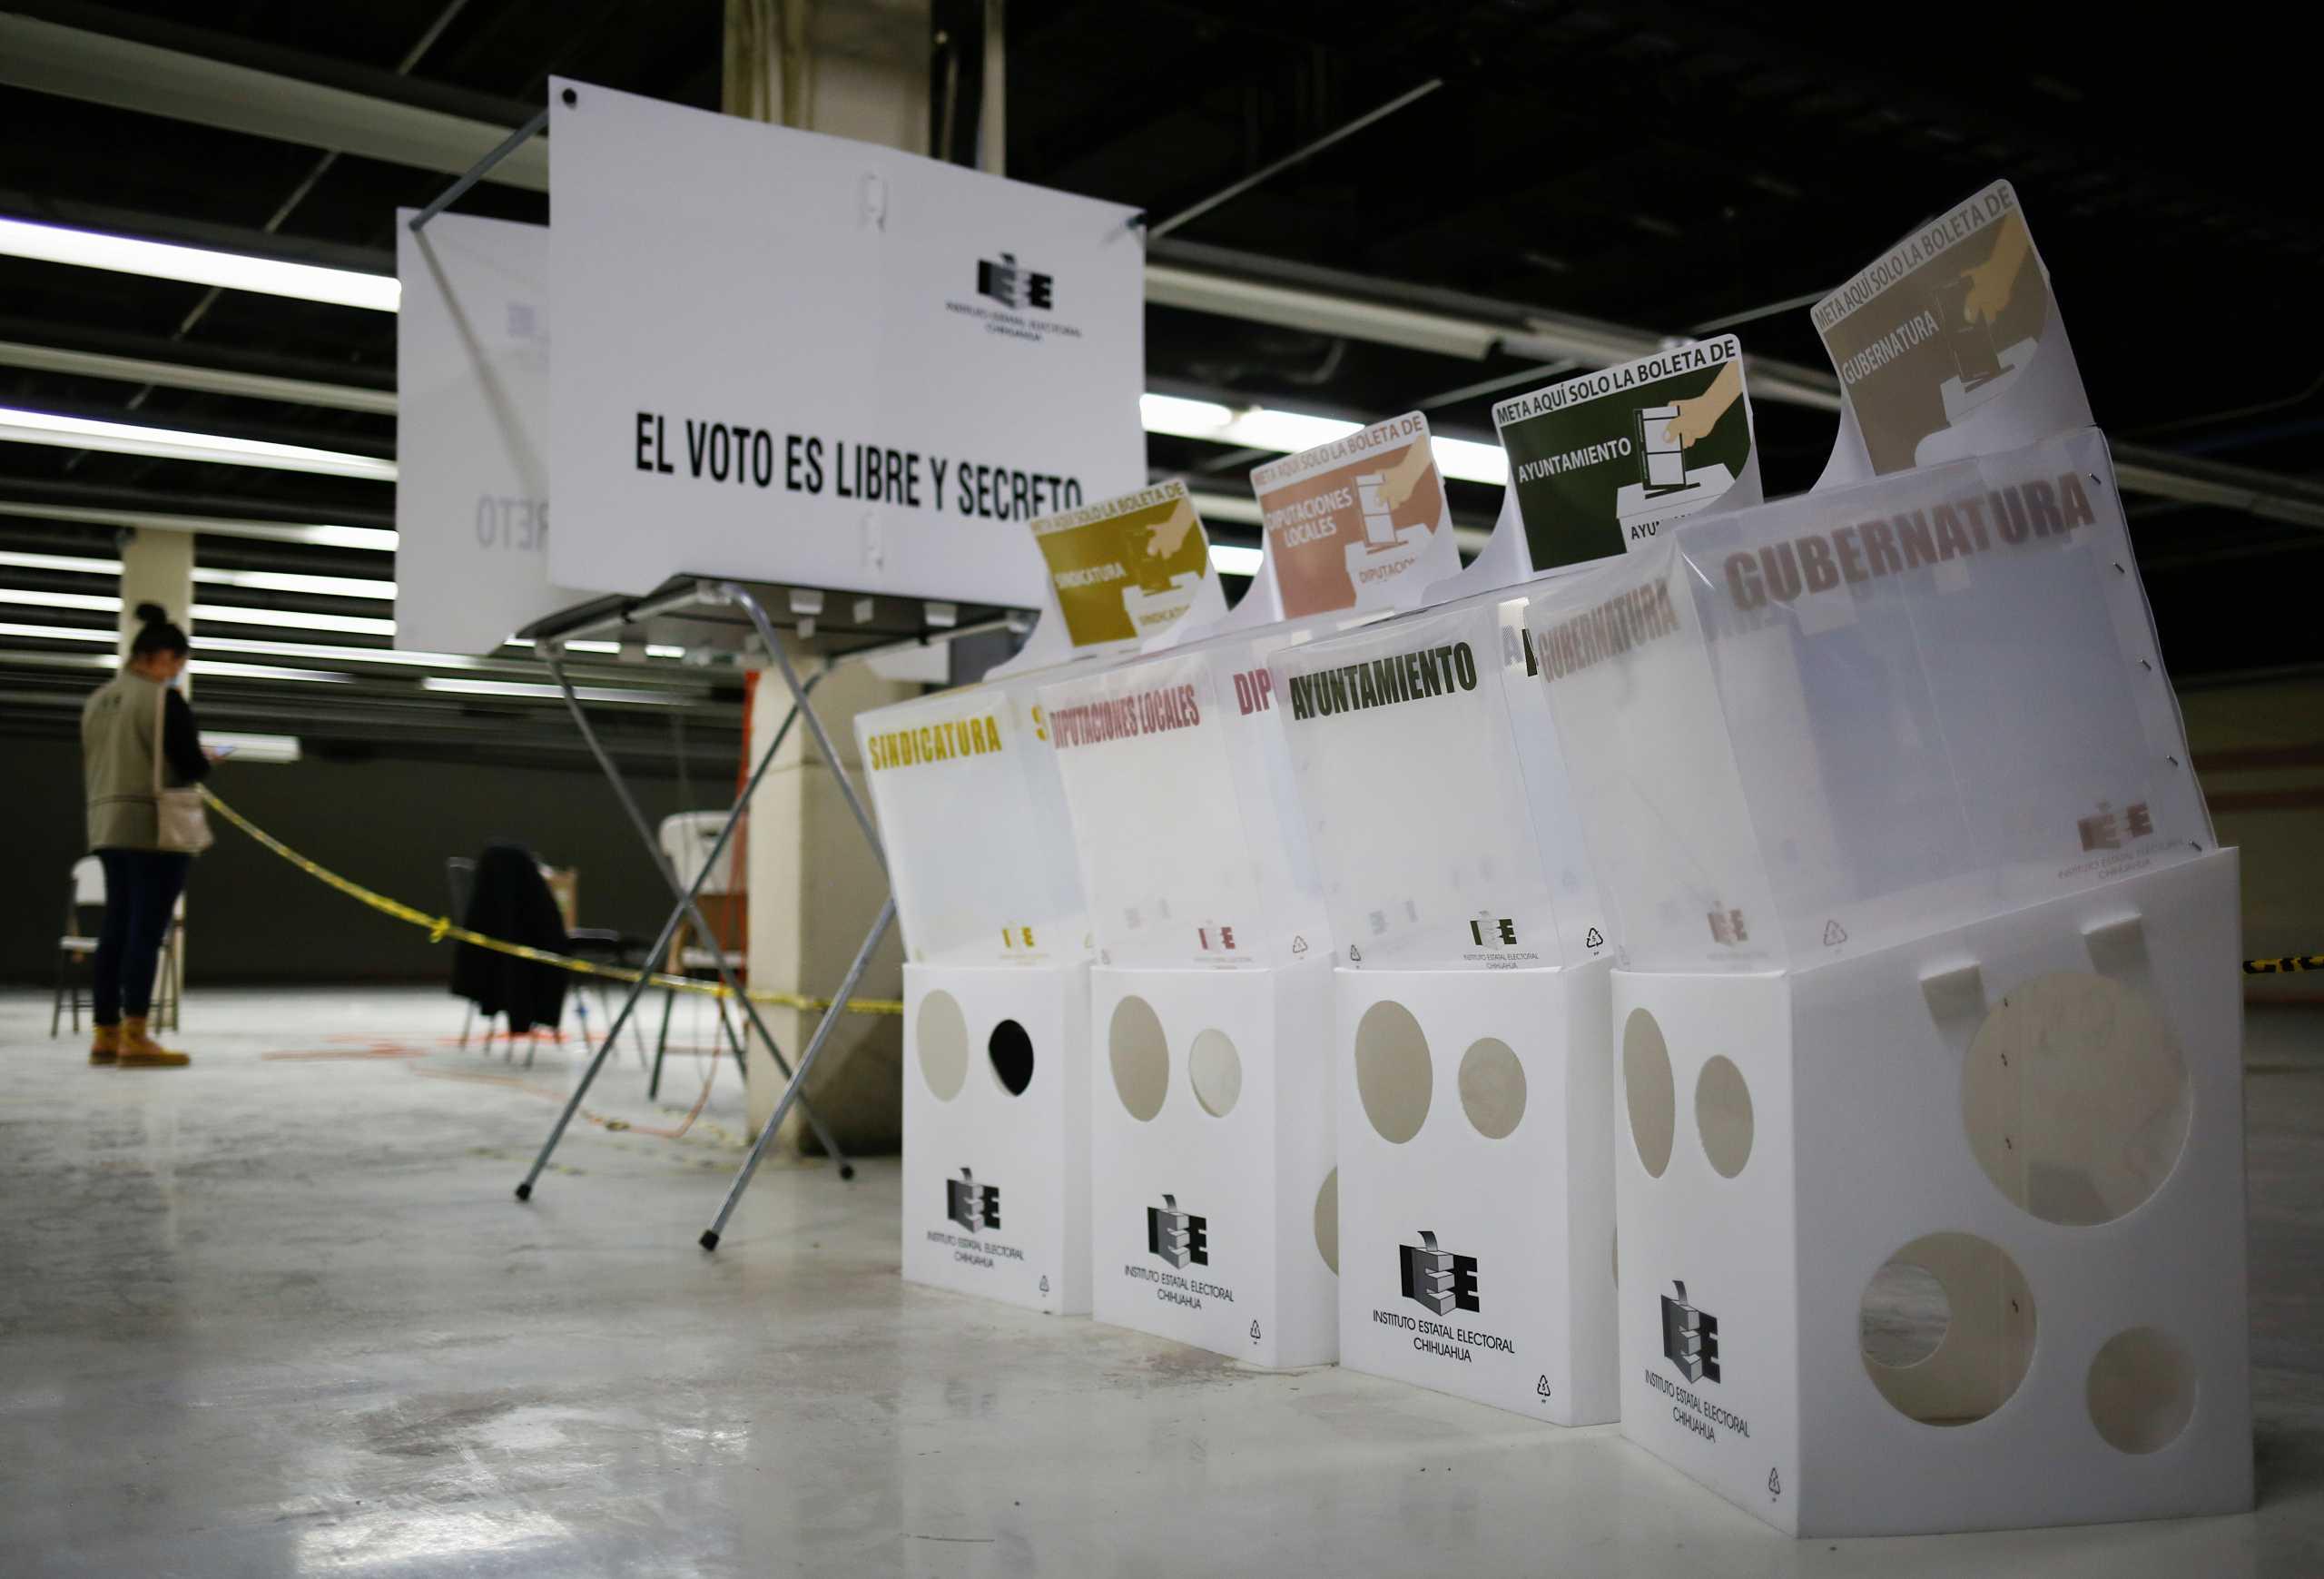 Μεξικό: Εκλογές για τα μέλη της νέας κάτω βουλής – «Δημοψήφισμα» για τον Ομπραδόρ